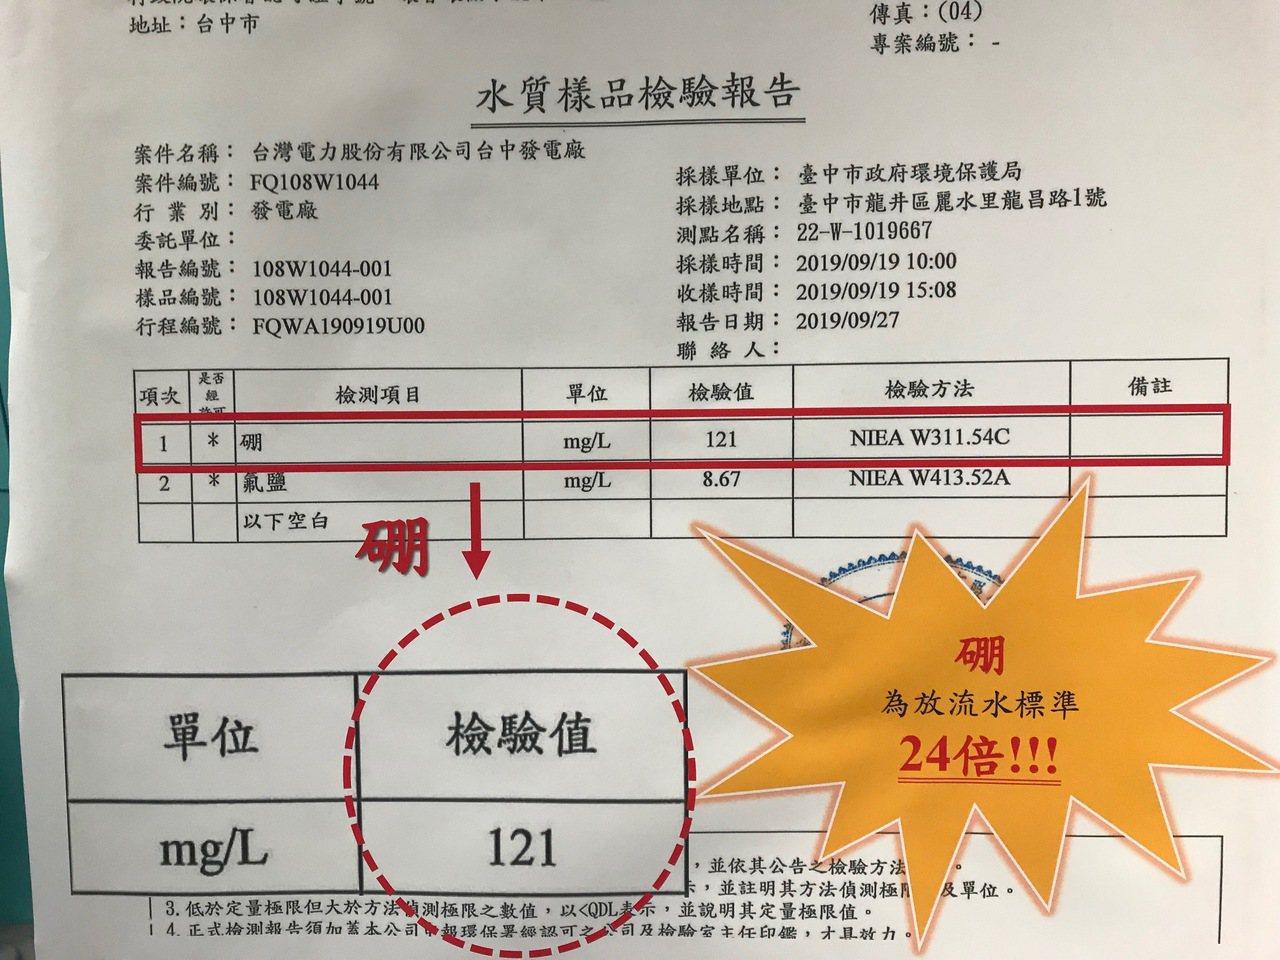 台中市環保局今上午召開記者會,中火放流水今年第5度超標,這次是5-8號機組放流水...